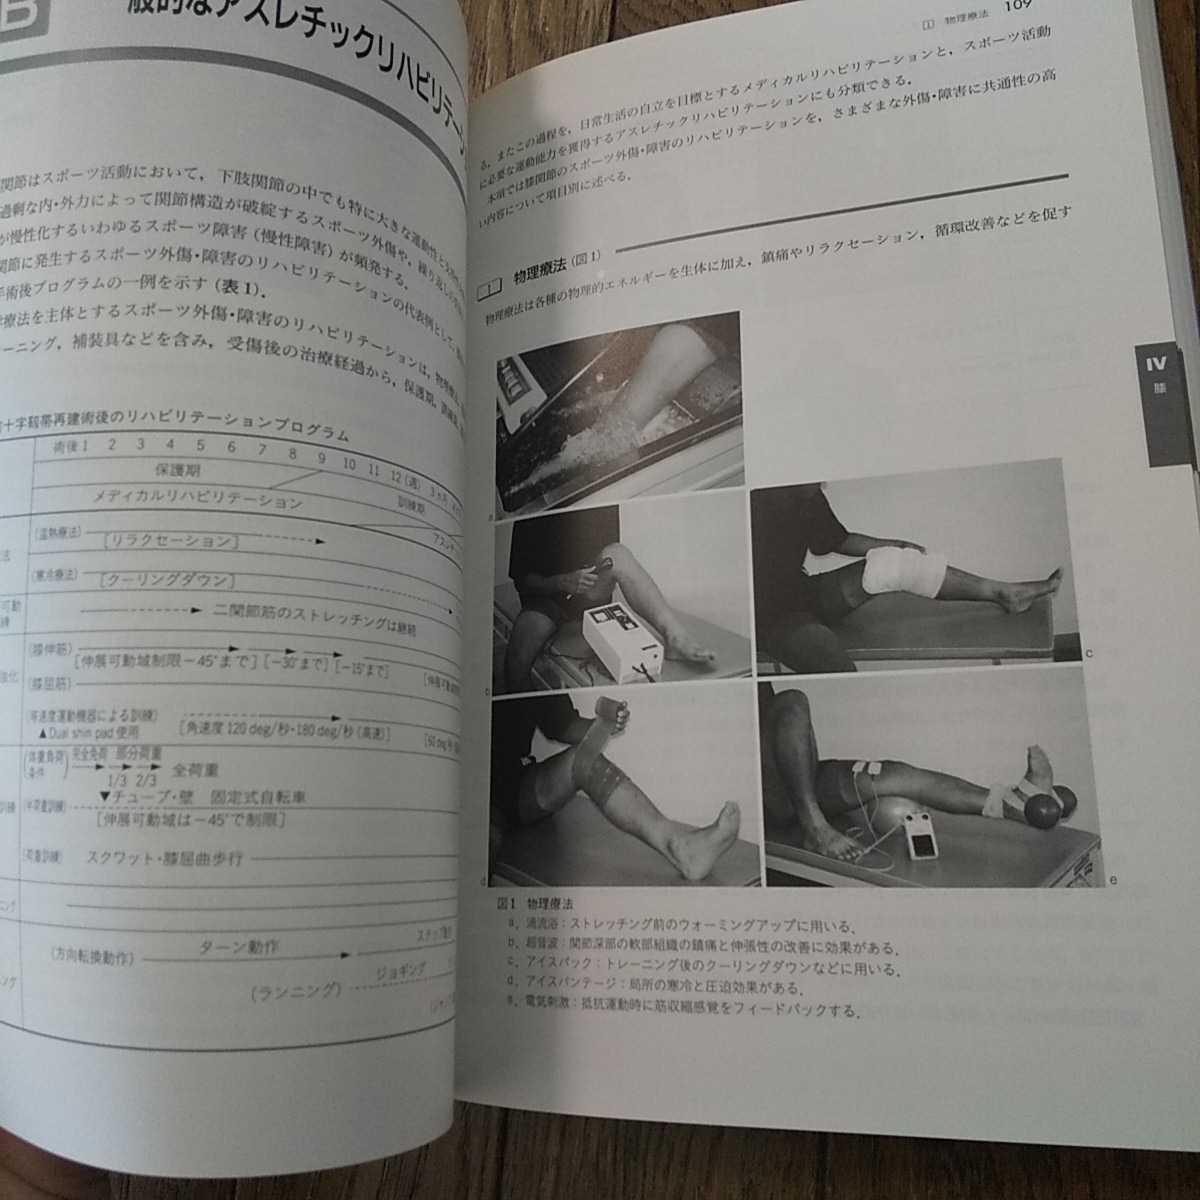 ☆アスレティックリハビリステーション☆アスレチックトレーナー☆スポーツトレーナー☆定価5600円_画像5